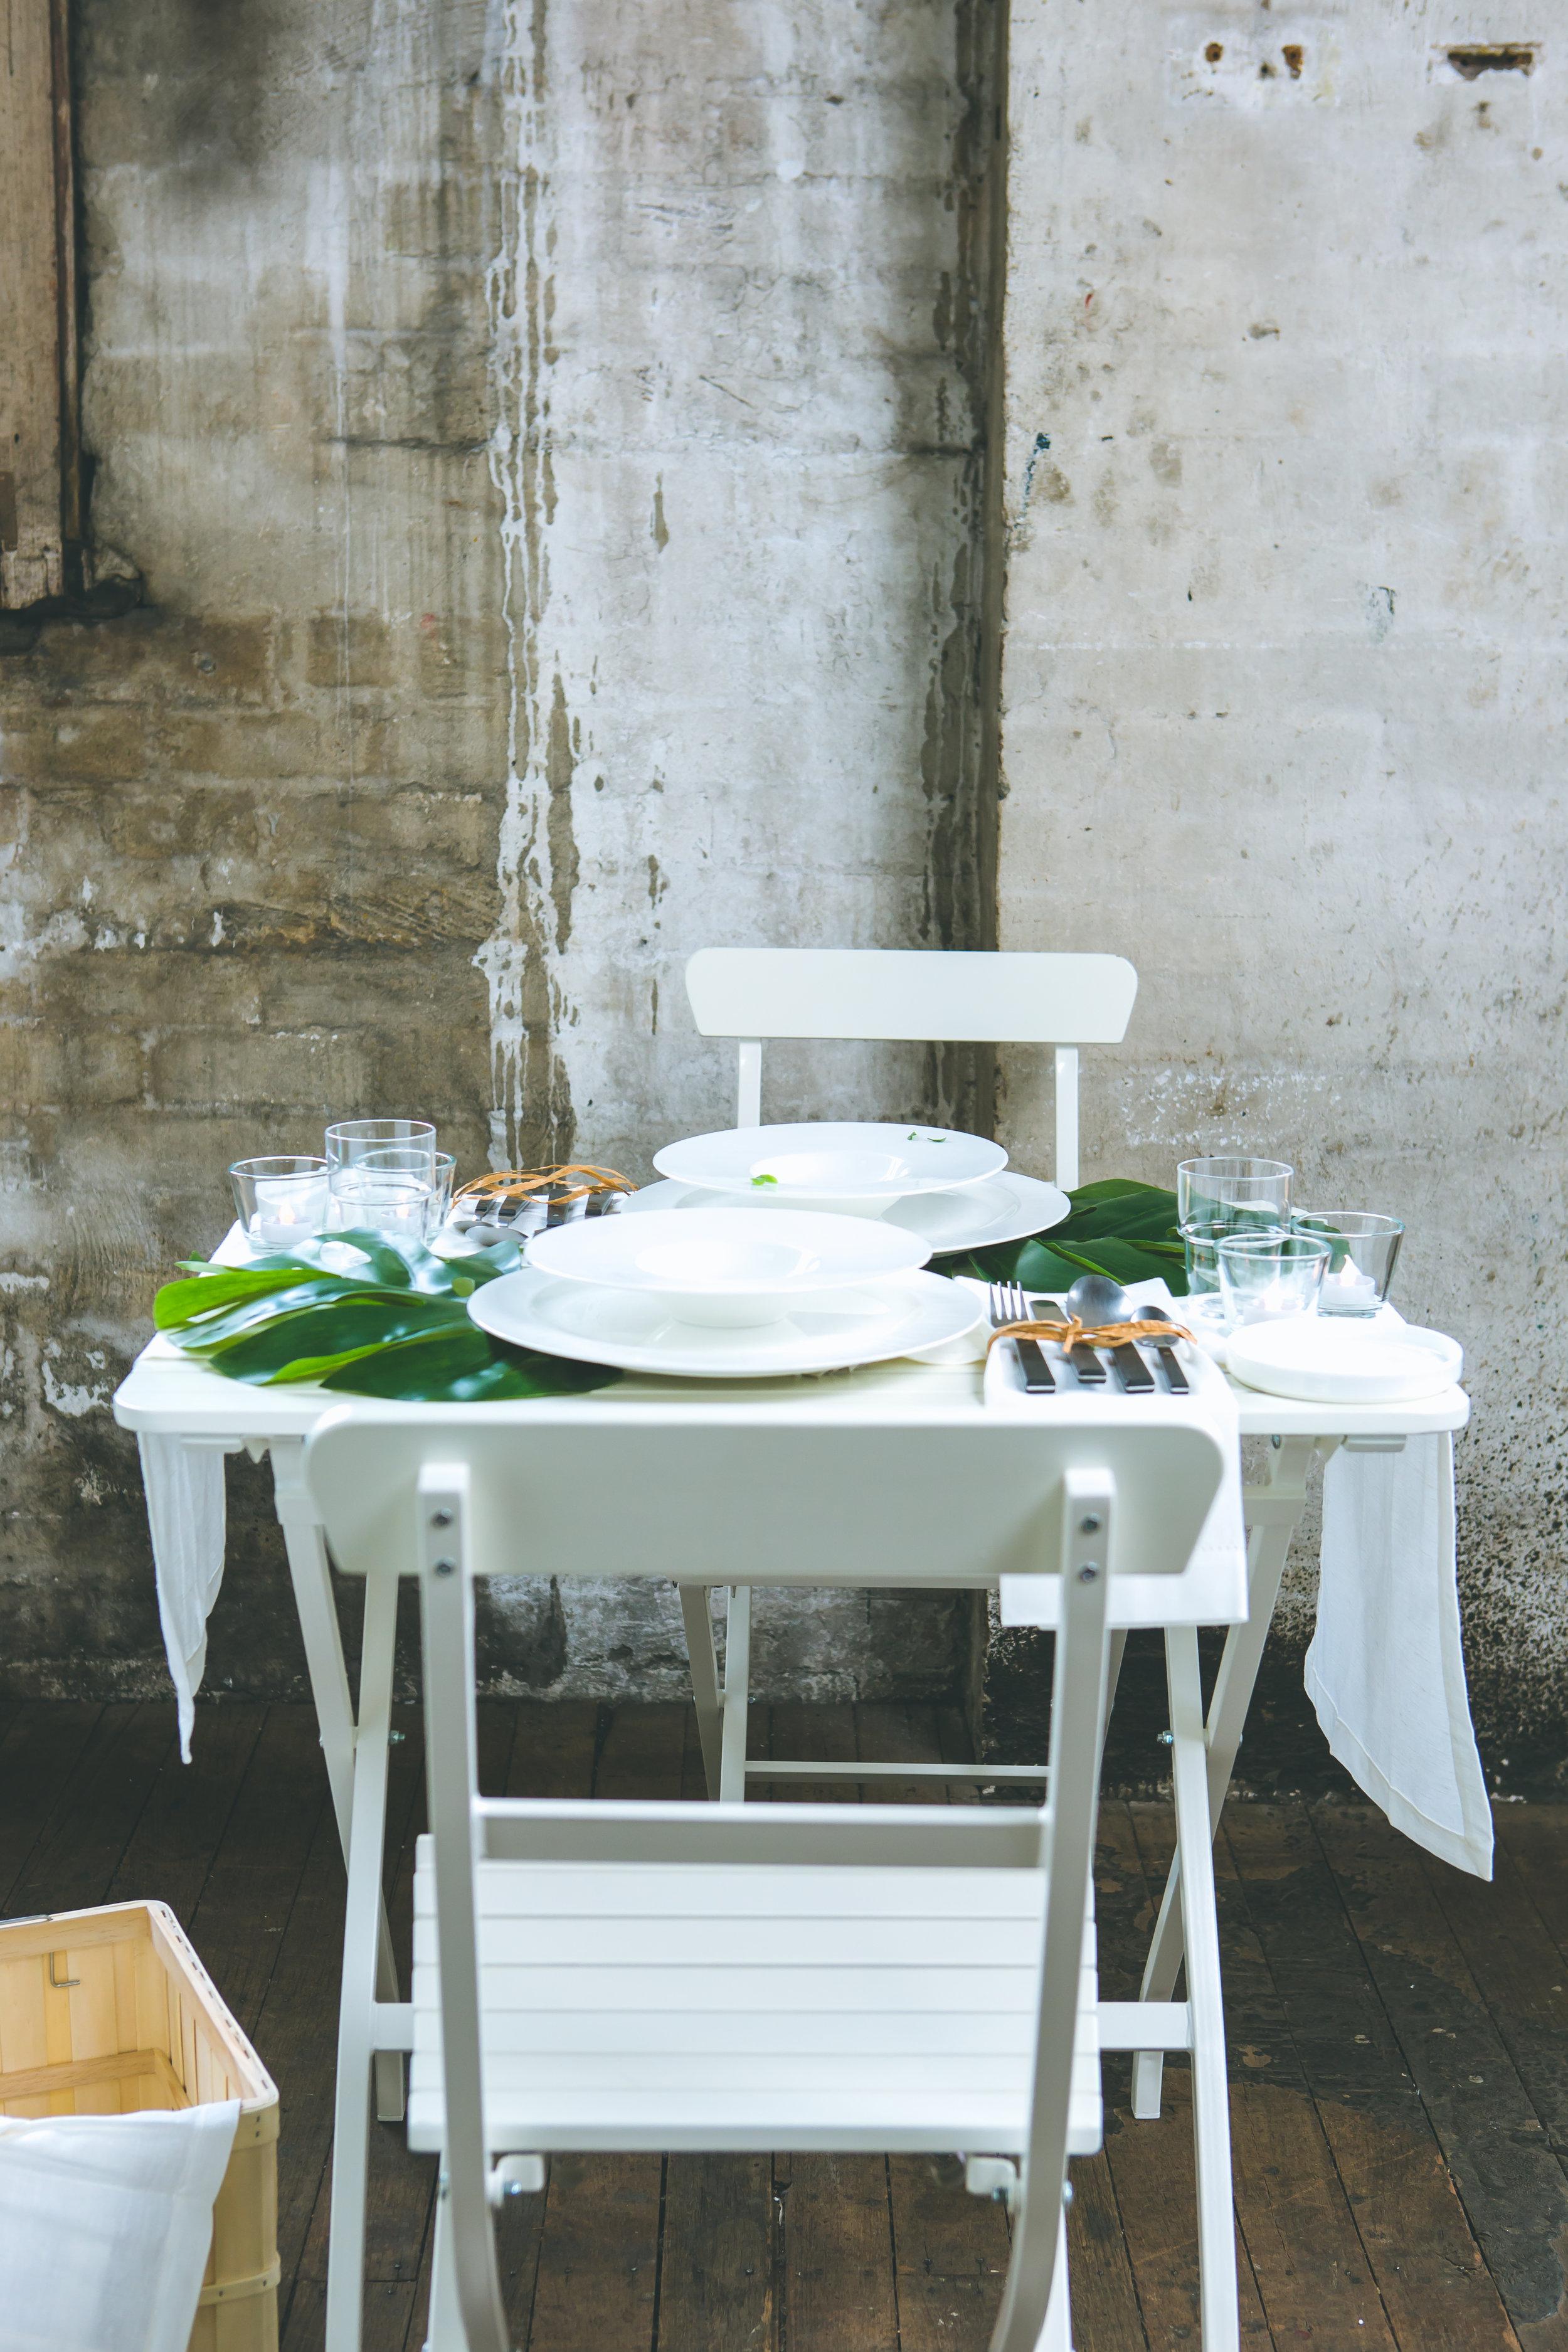 Table Setting 2_Leaf_Edit1-1.jpg